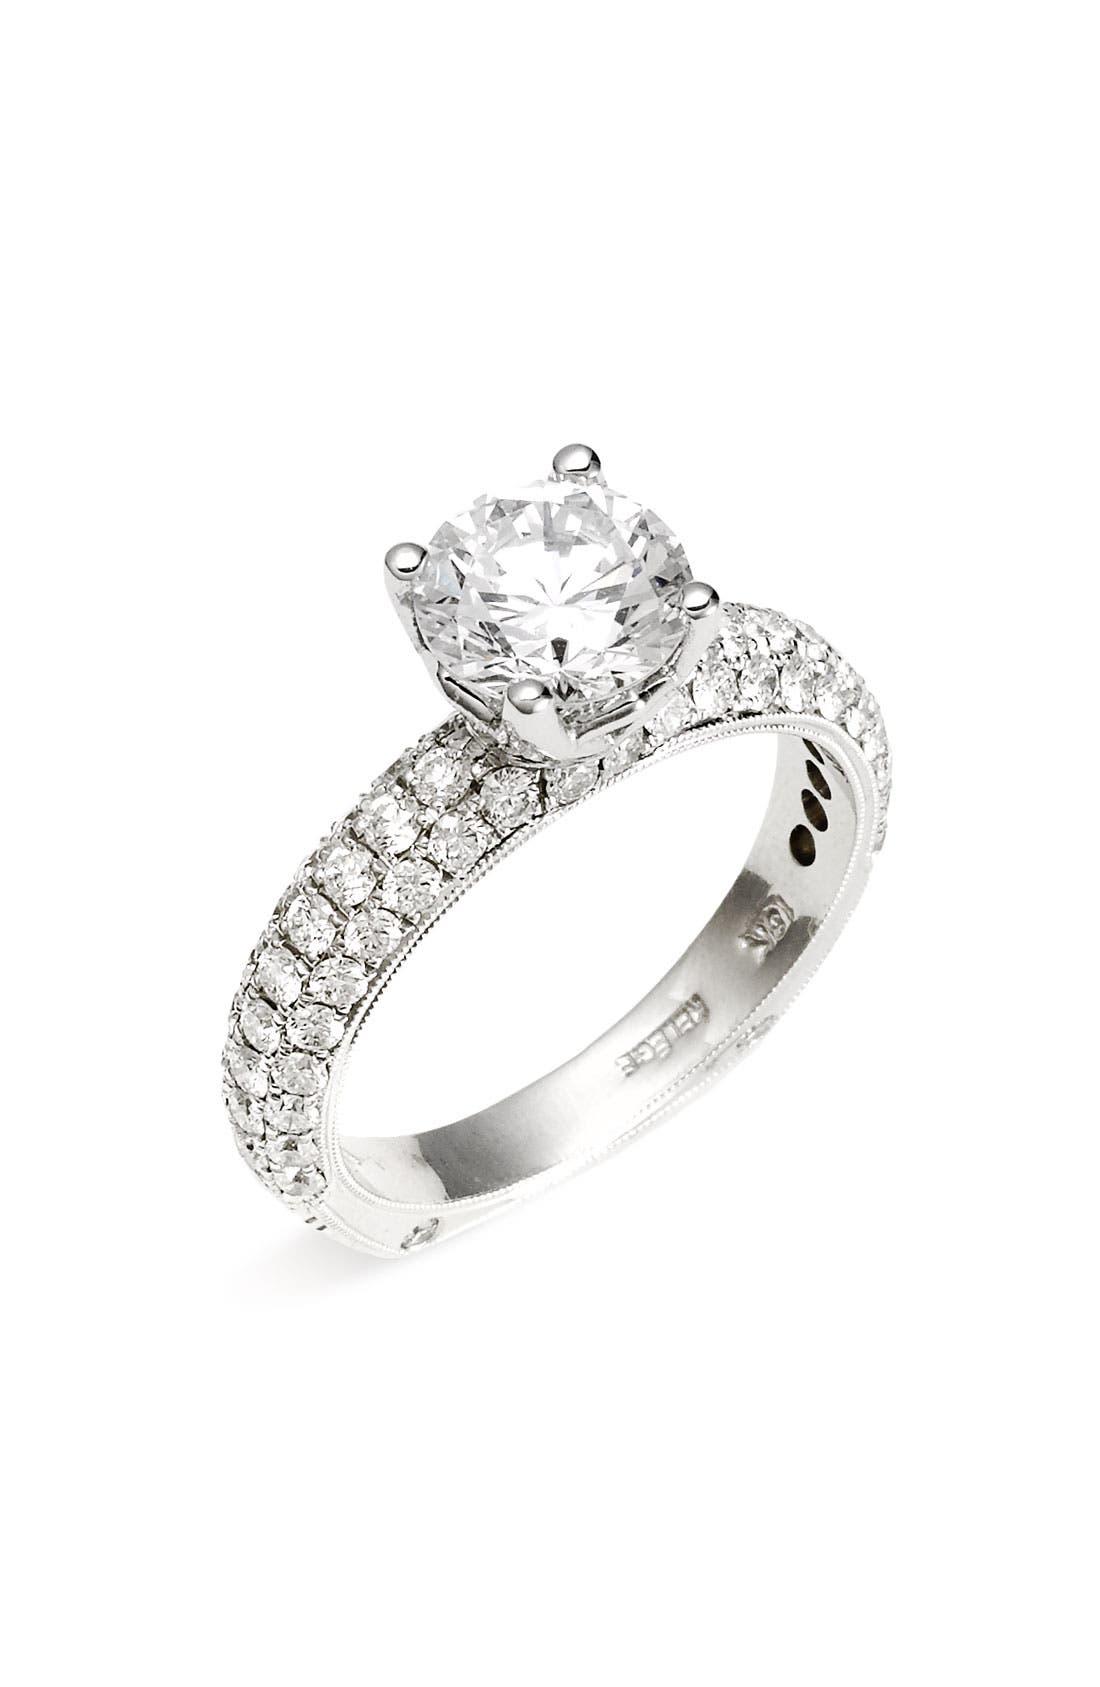 Main Image - Jack Kelége 'Romance' Pavé Diamond Engagement Ring Setting